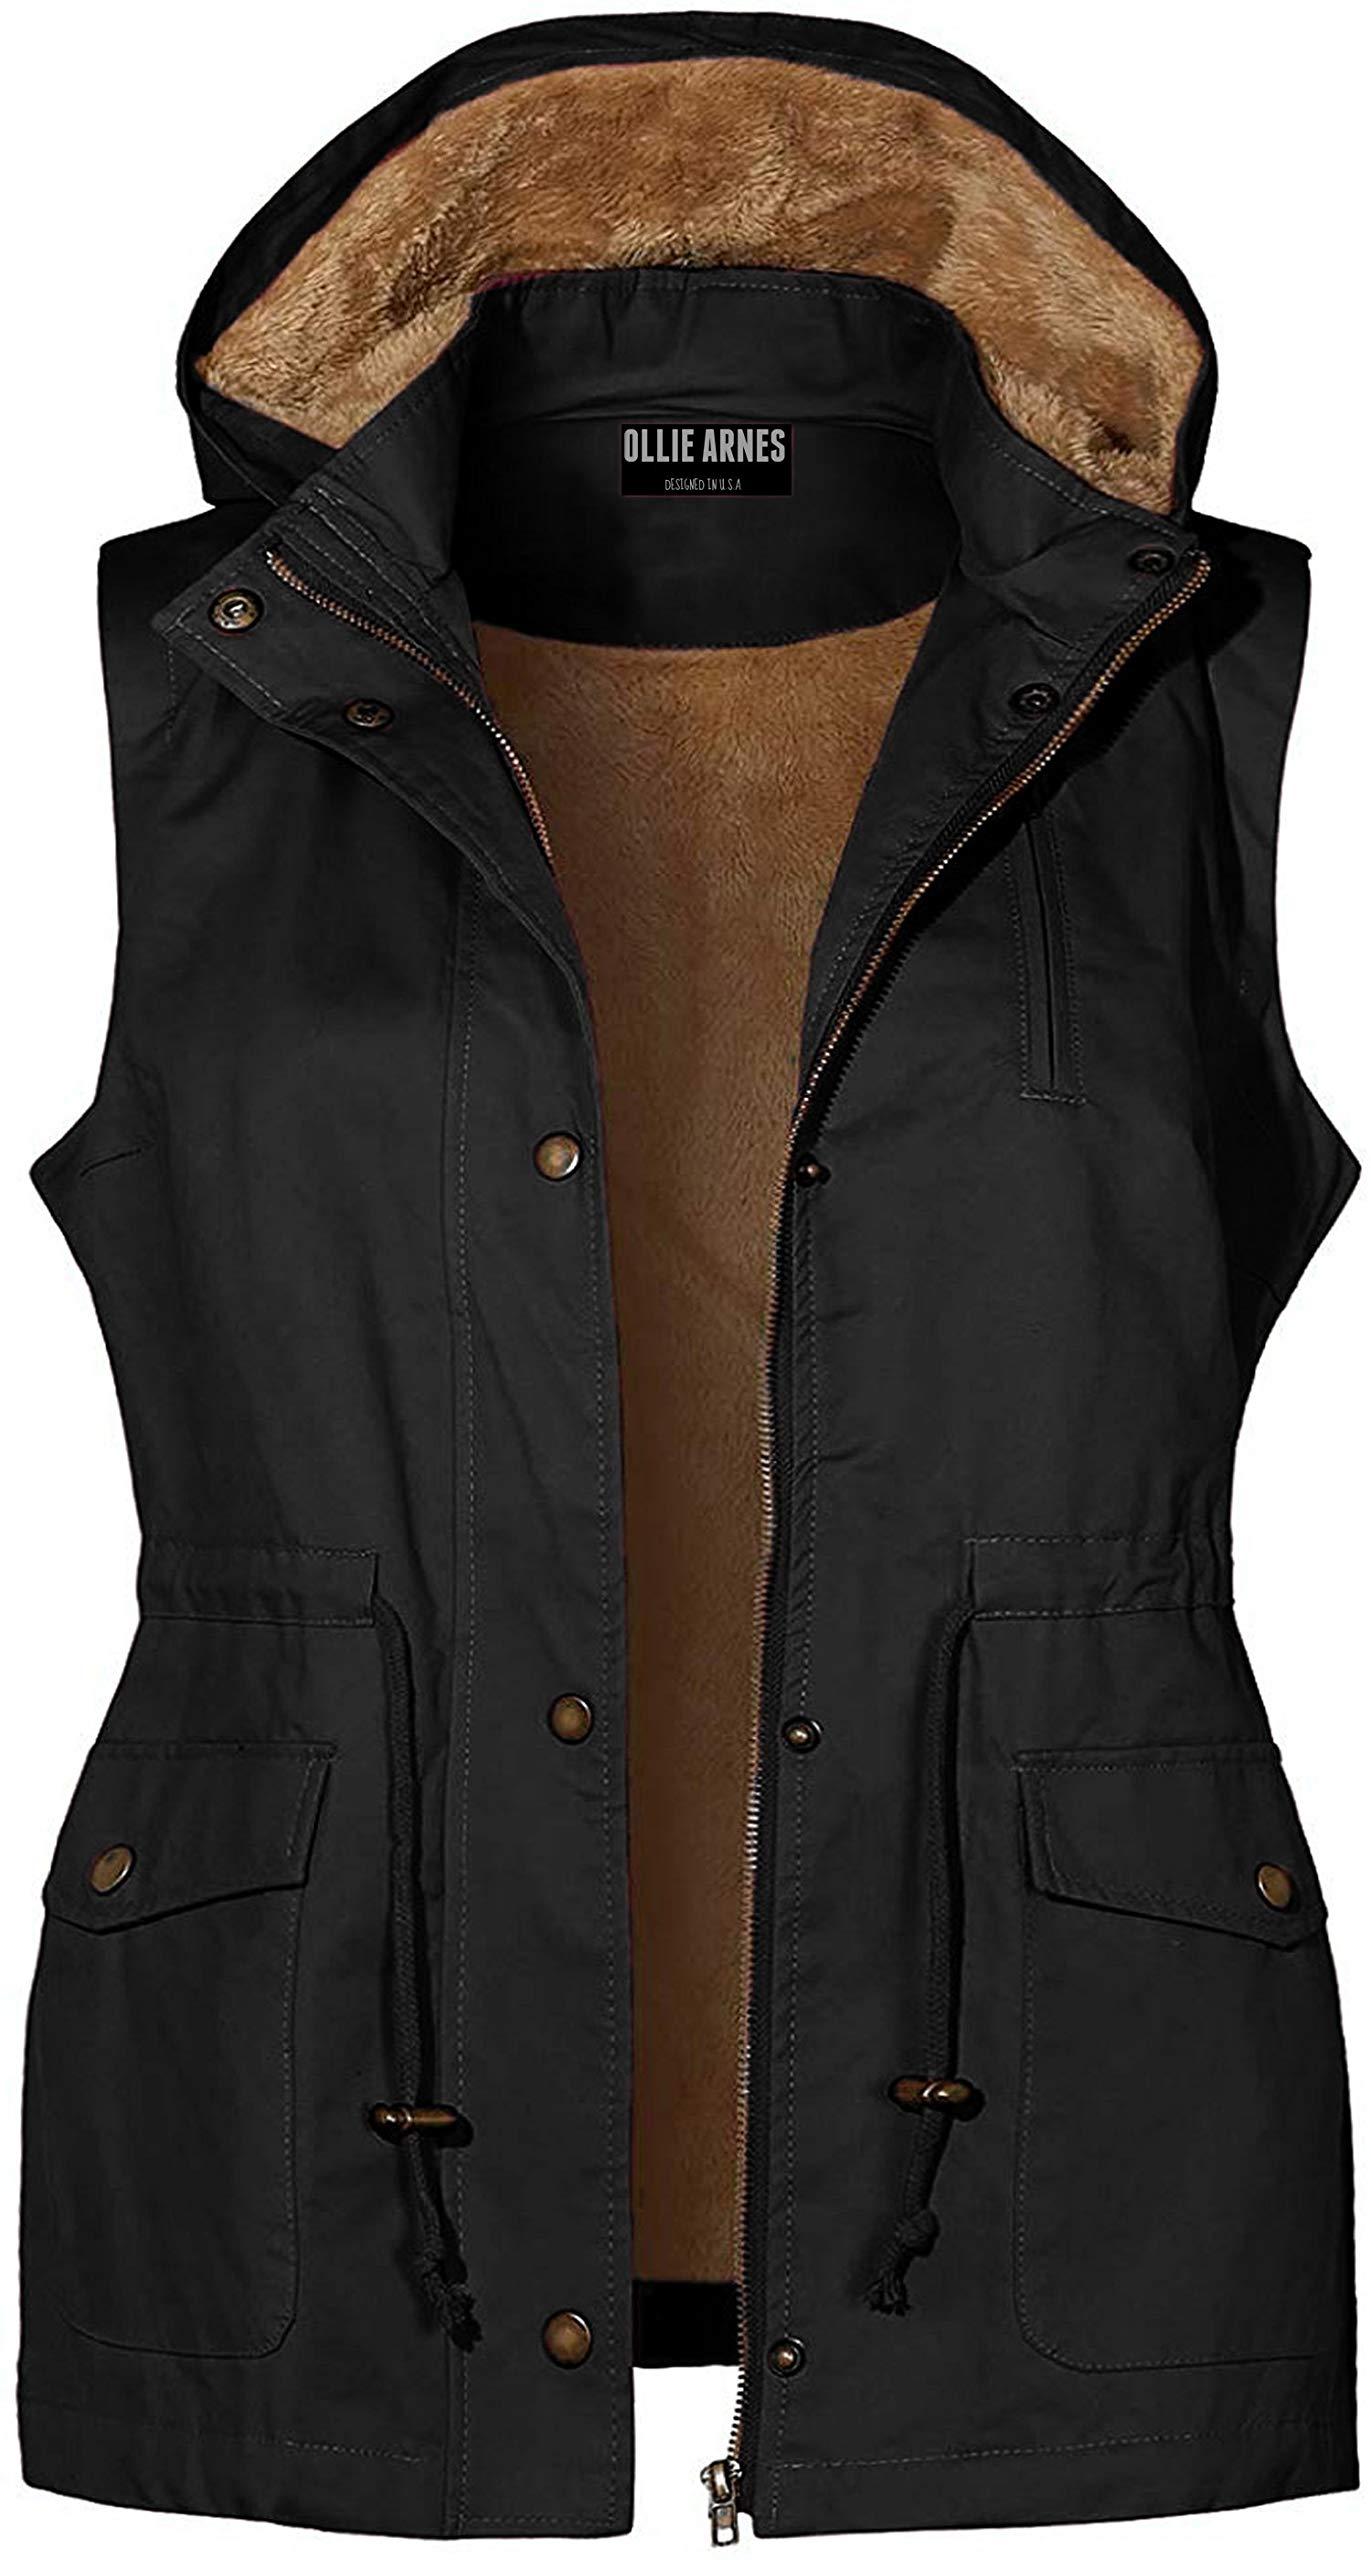 OLLIE ARNES Women's Faux Fur Sherpa Plush Shearling Lined Anorak Vest Jackets